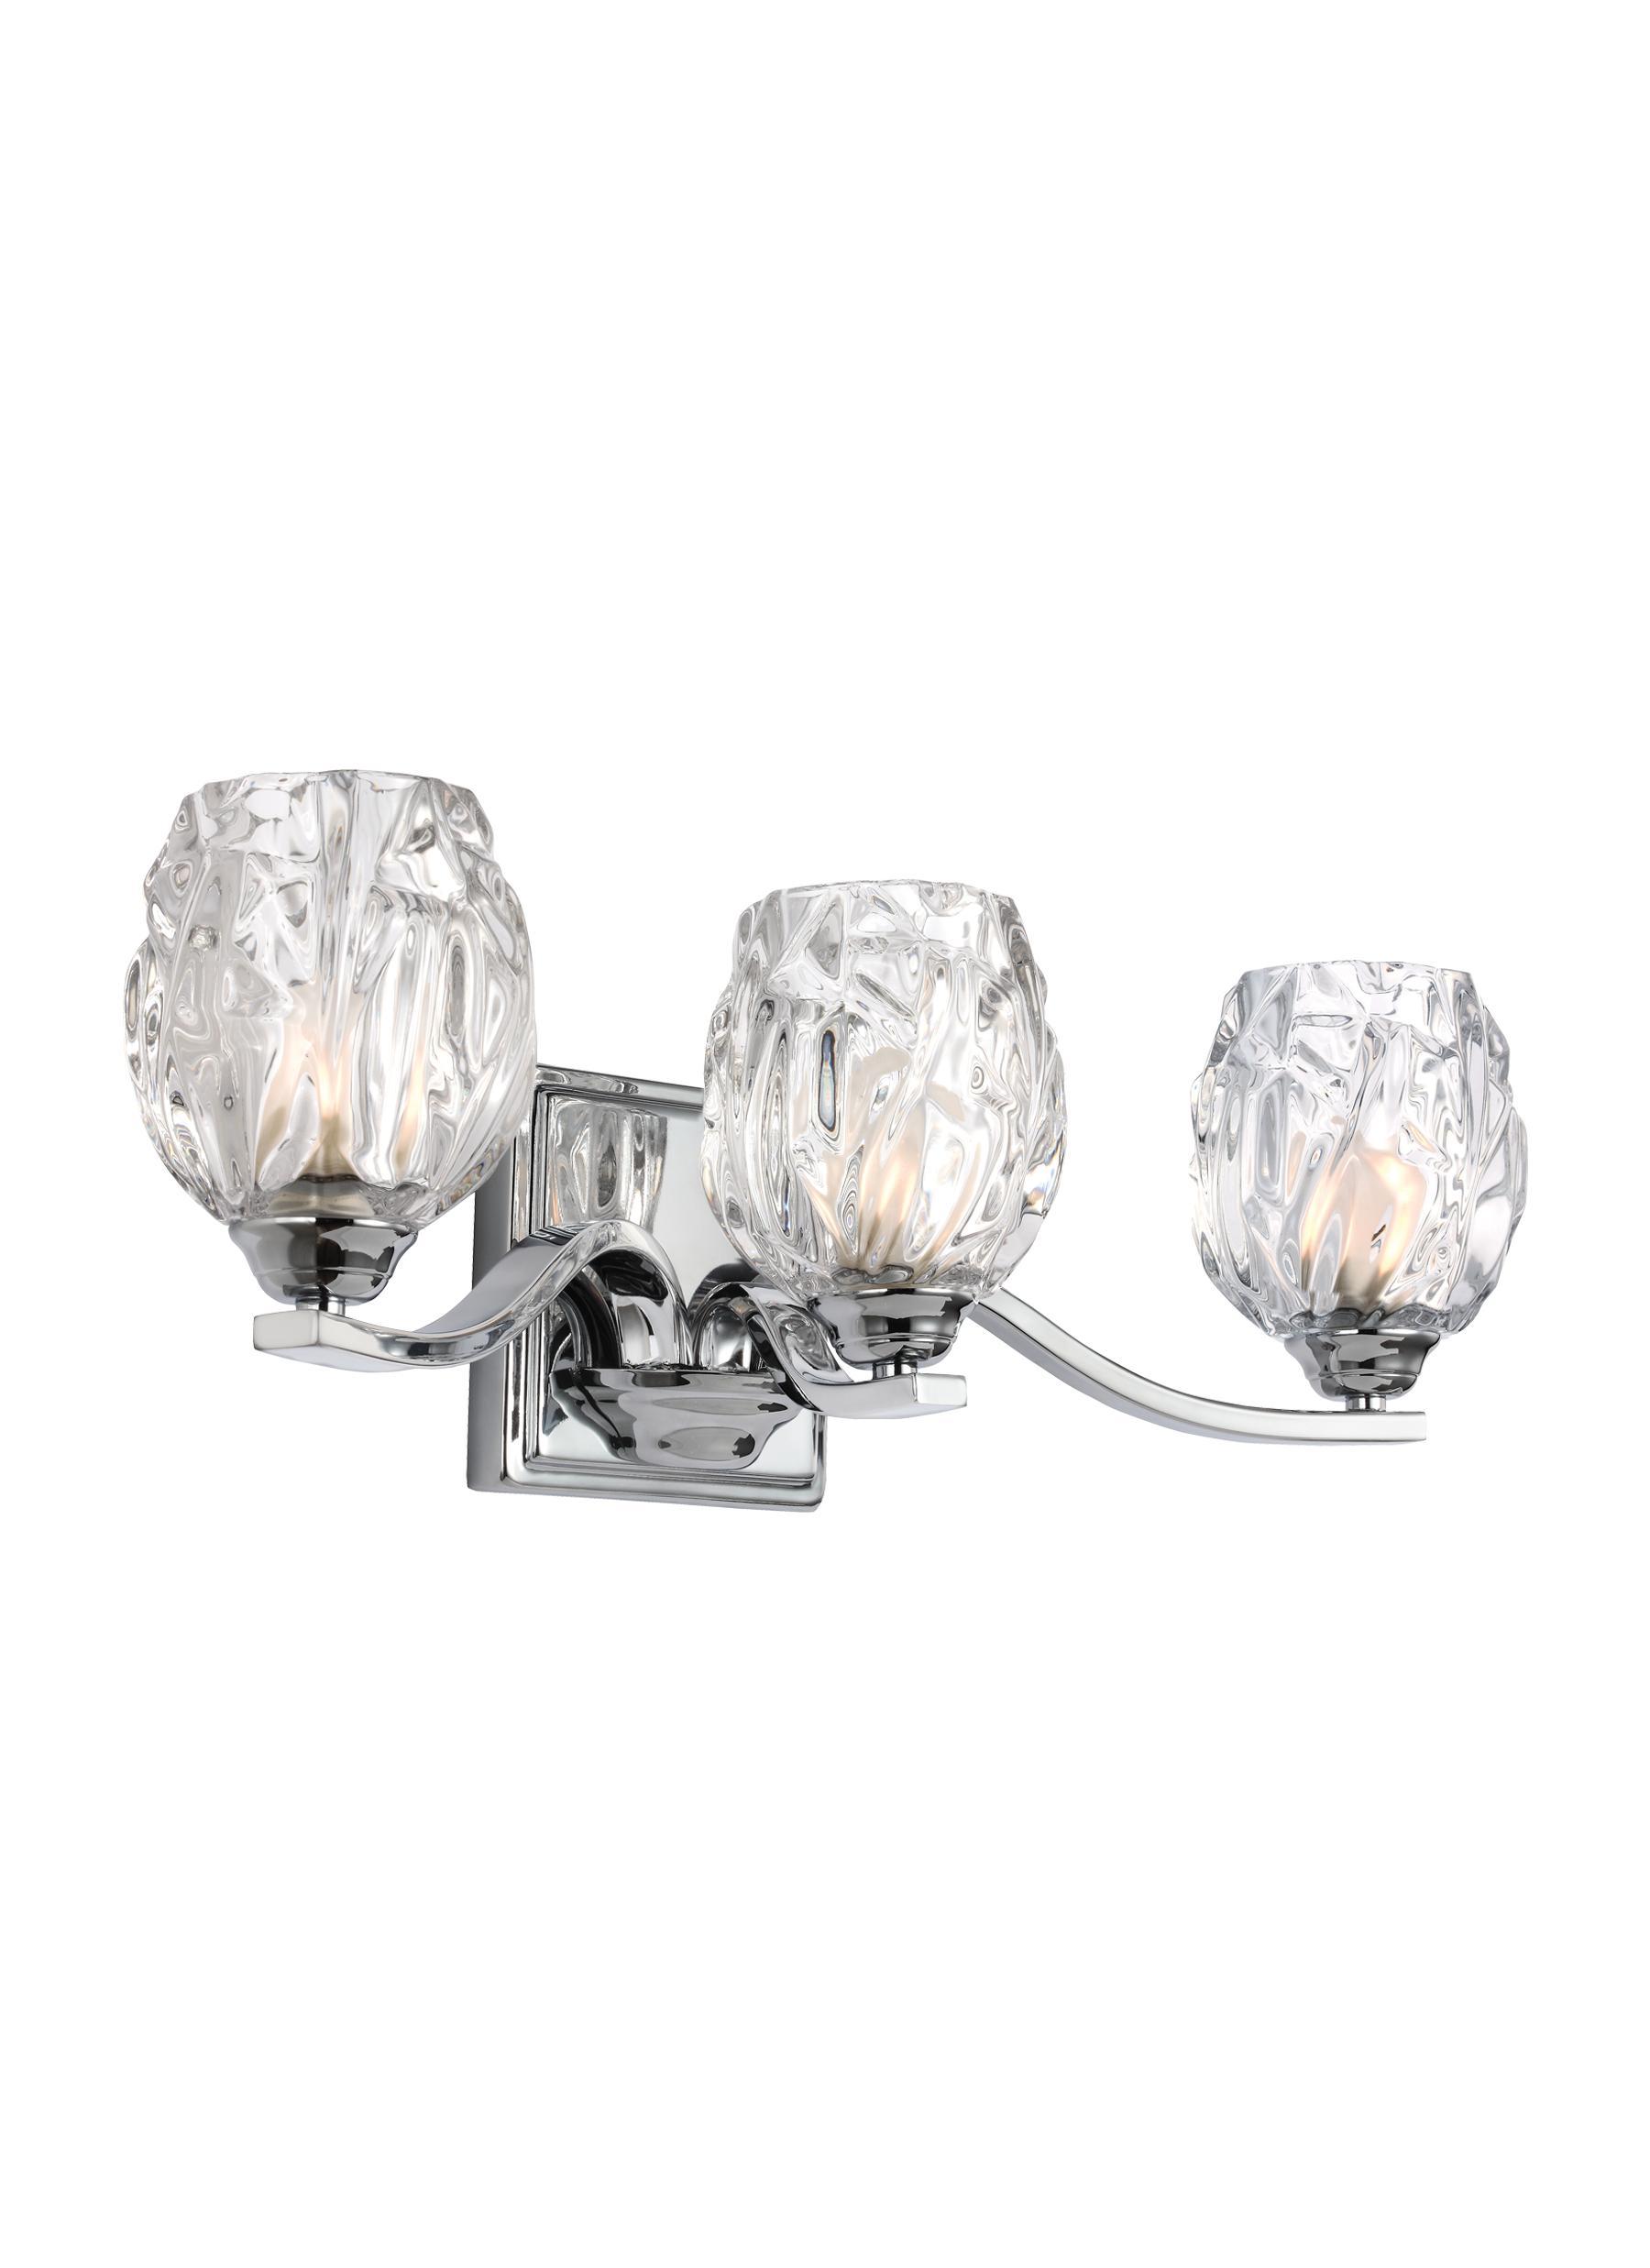 VSCH Light VanityChrome - Bathroom vanity lights chrome finish